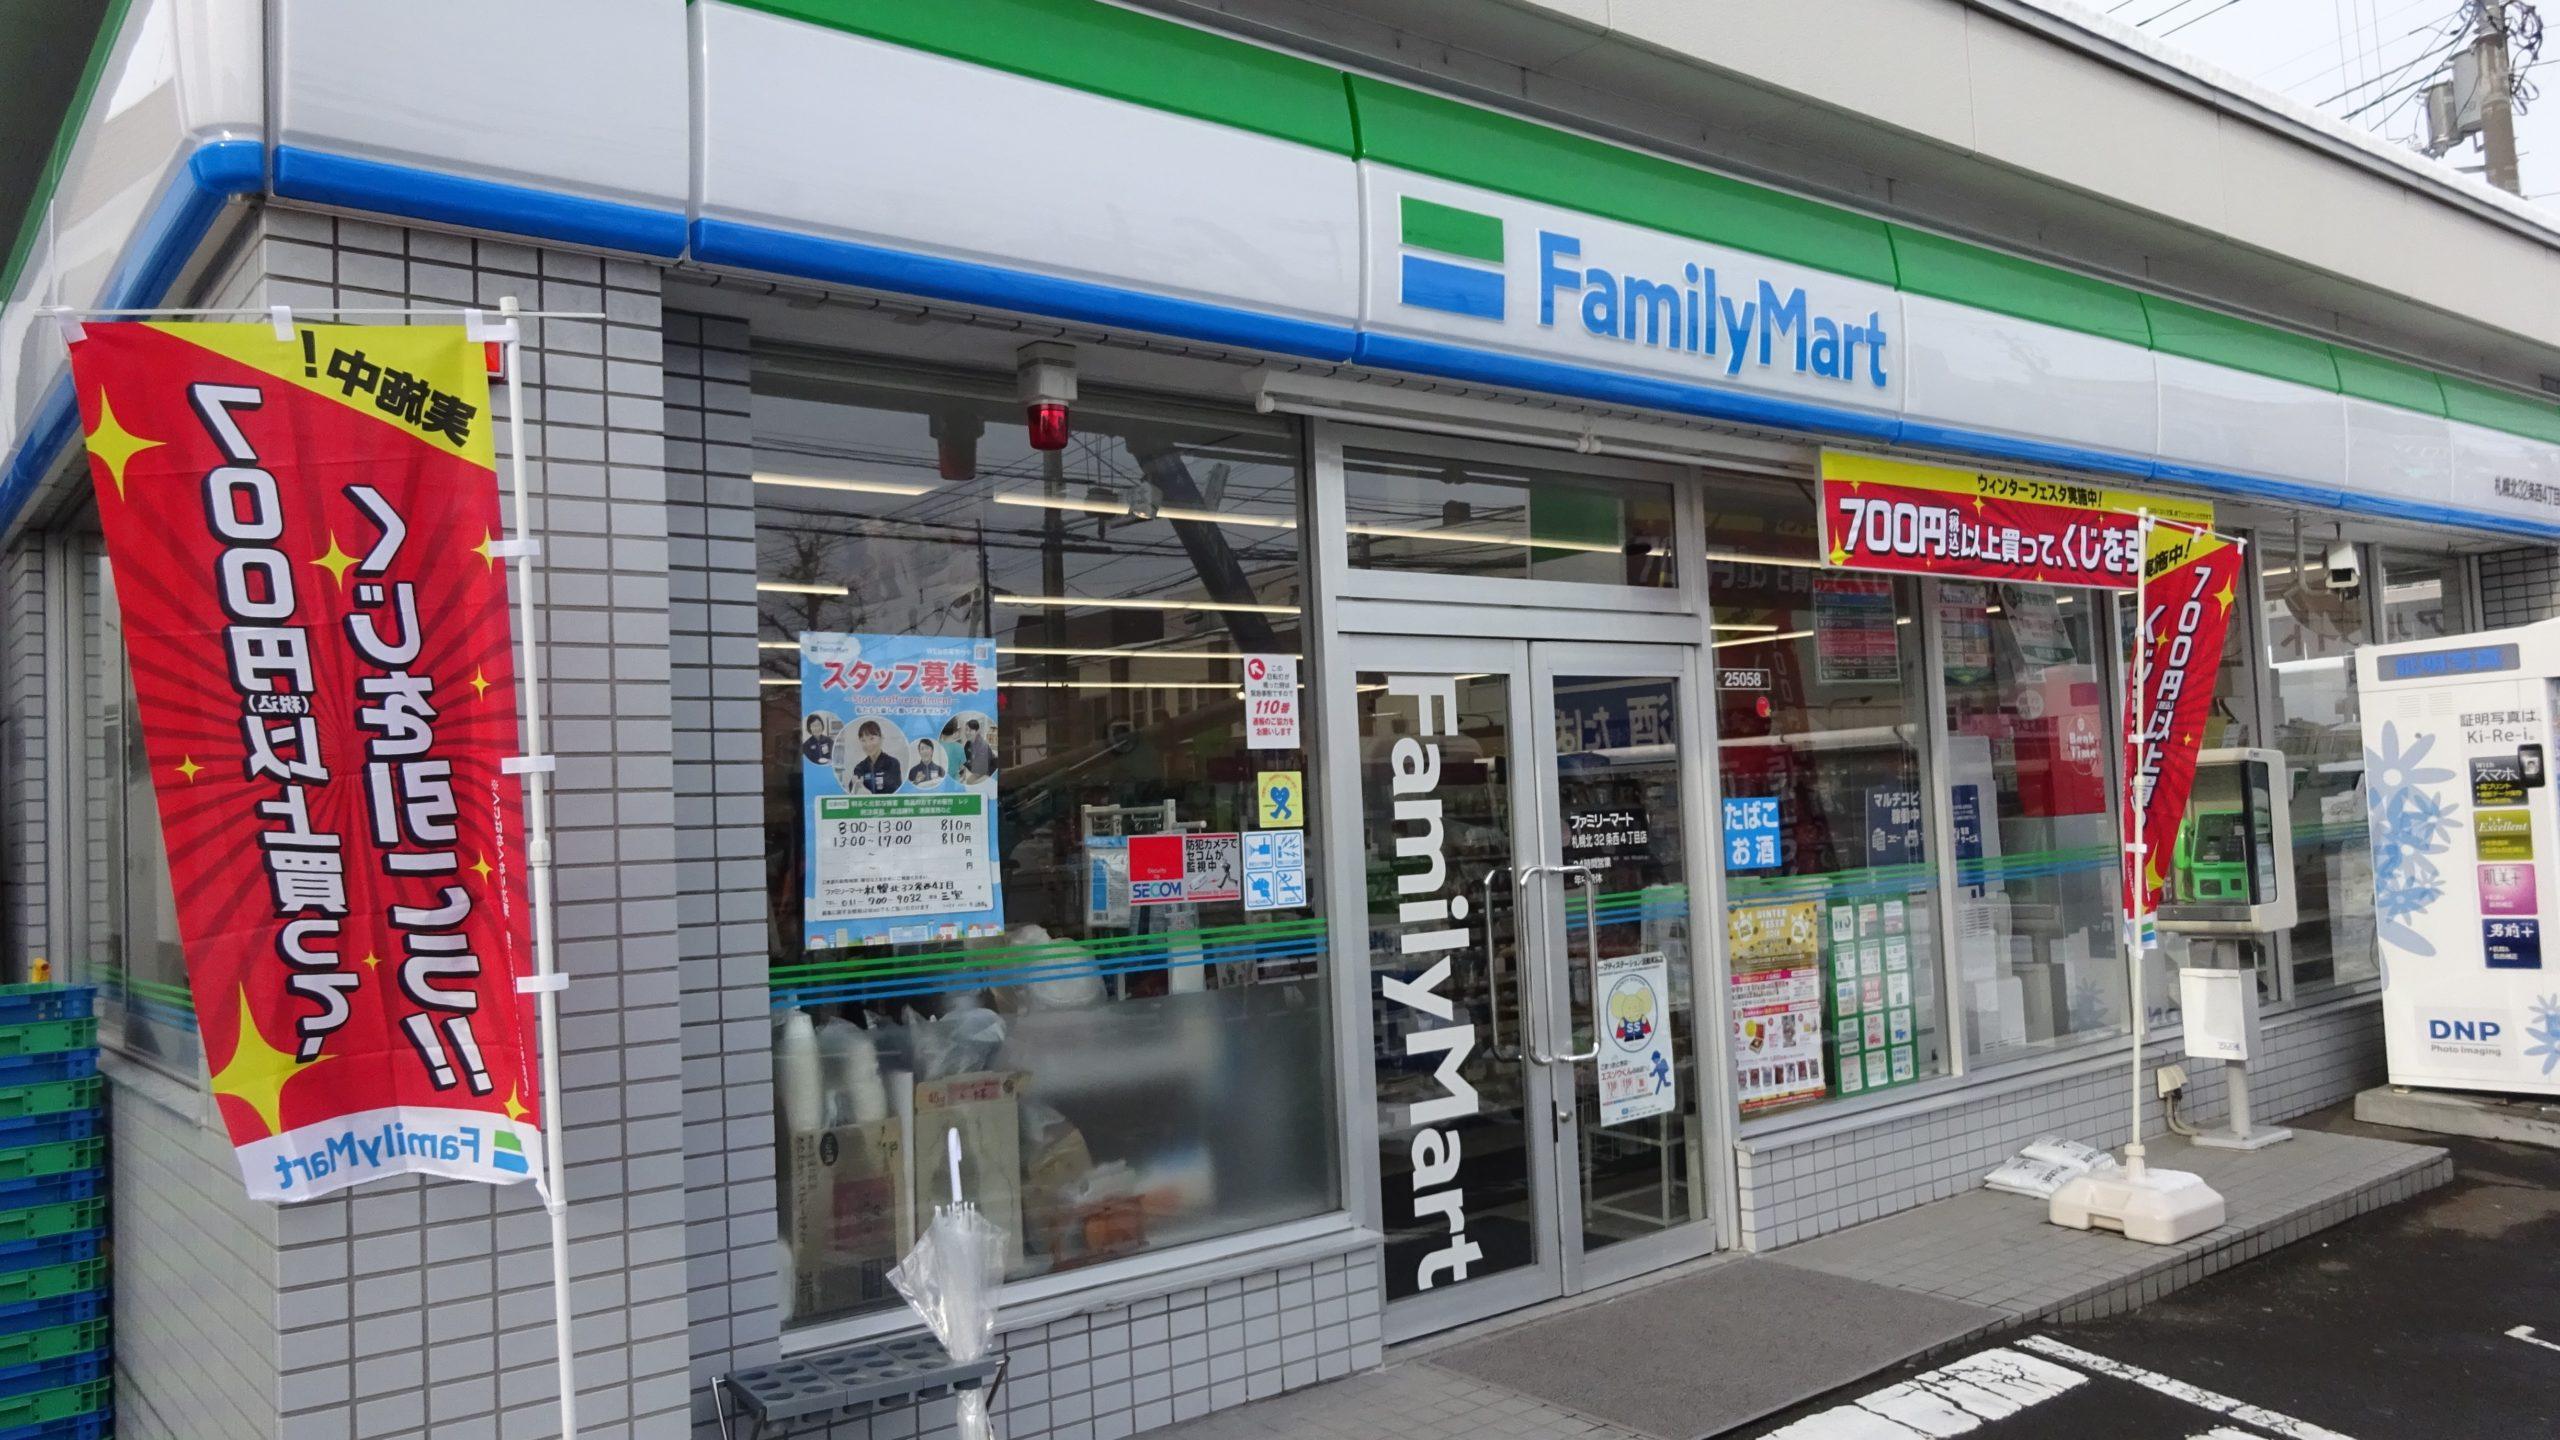 ファミリーマート700円くじ